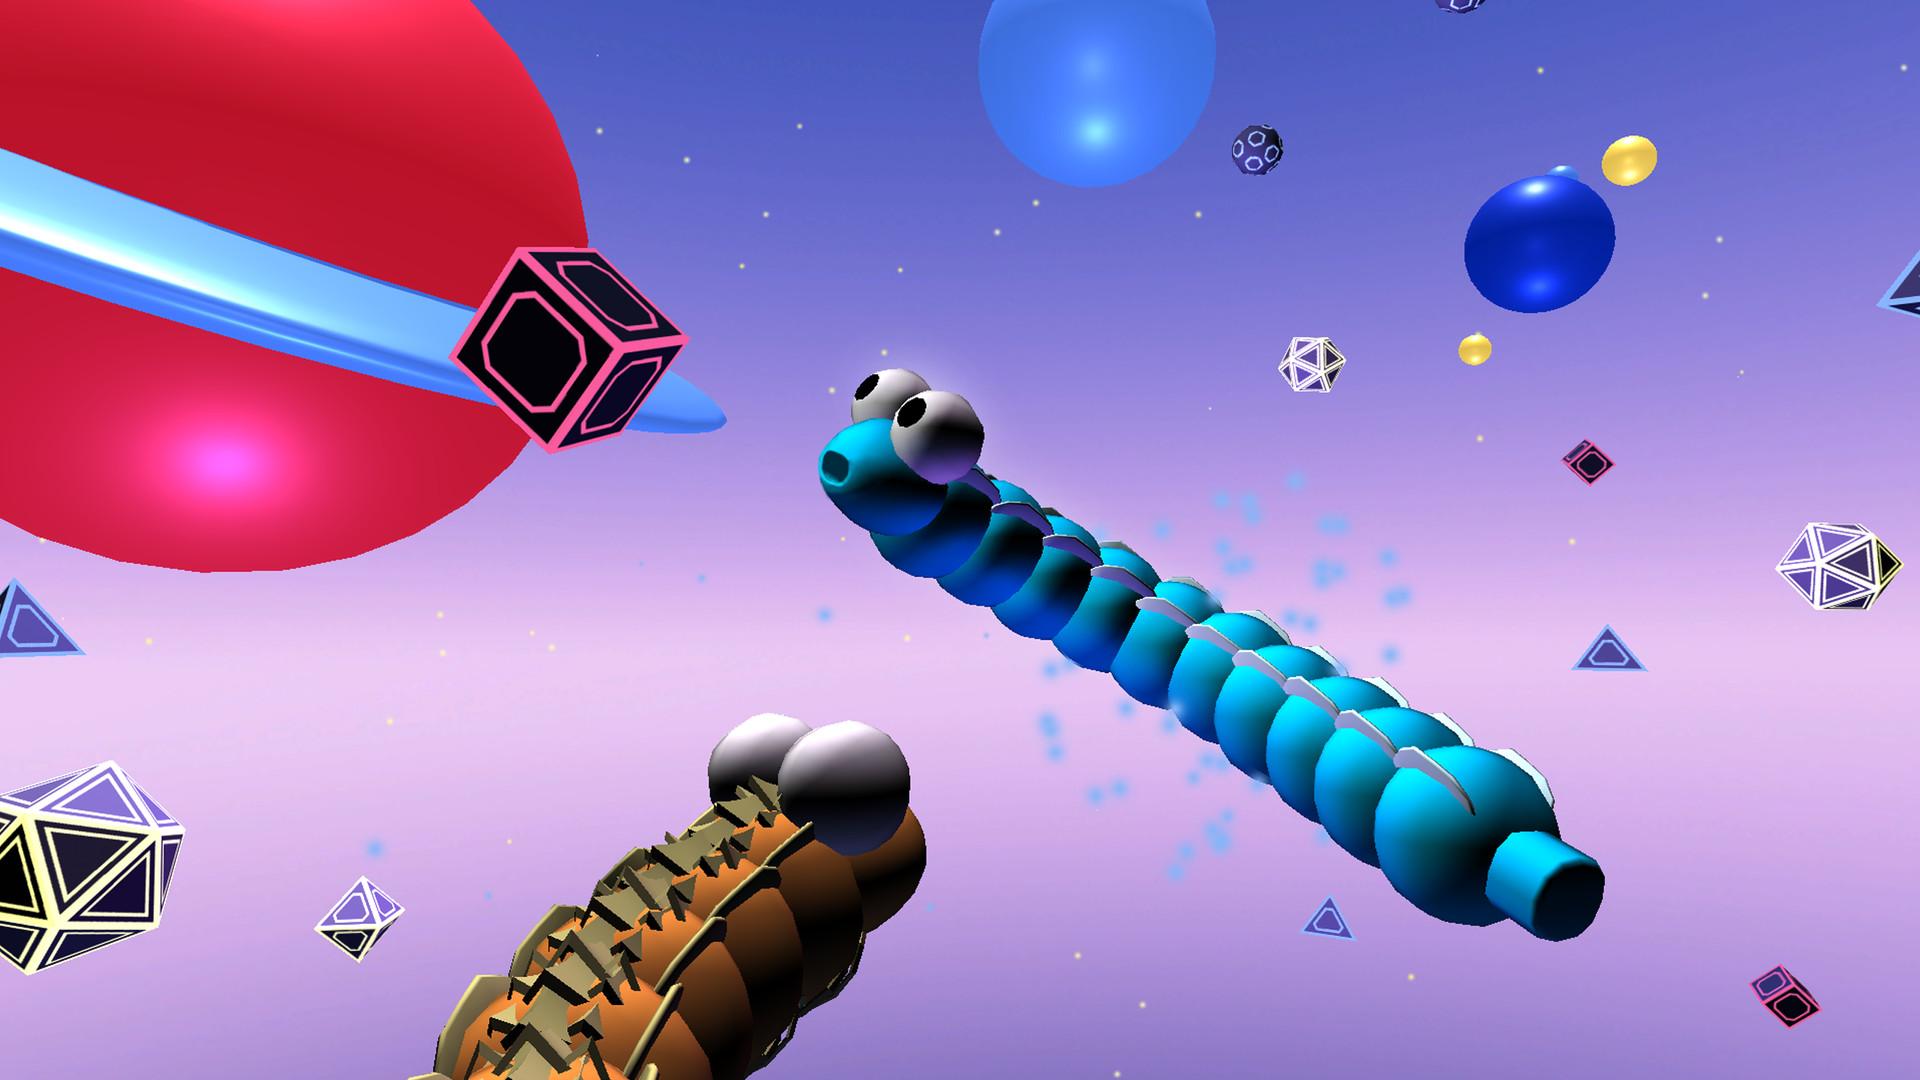 Oculus Quest 游戏《Space Slurpies》VR贪吃蛇插图(3)